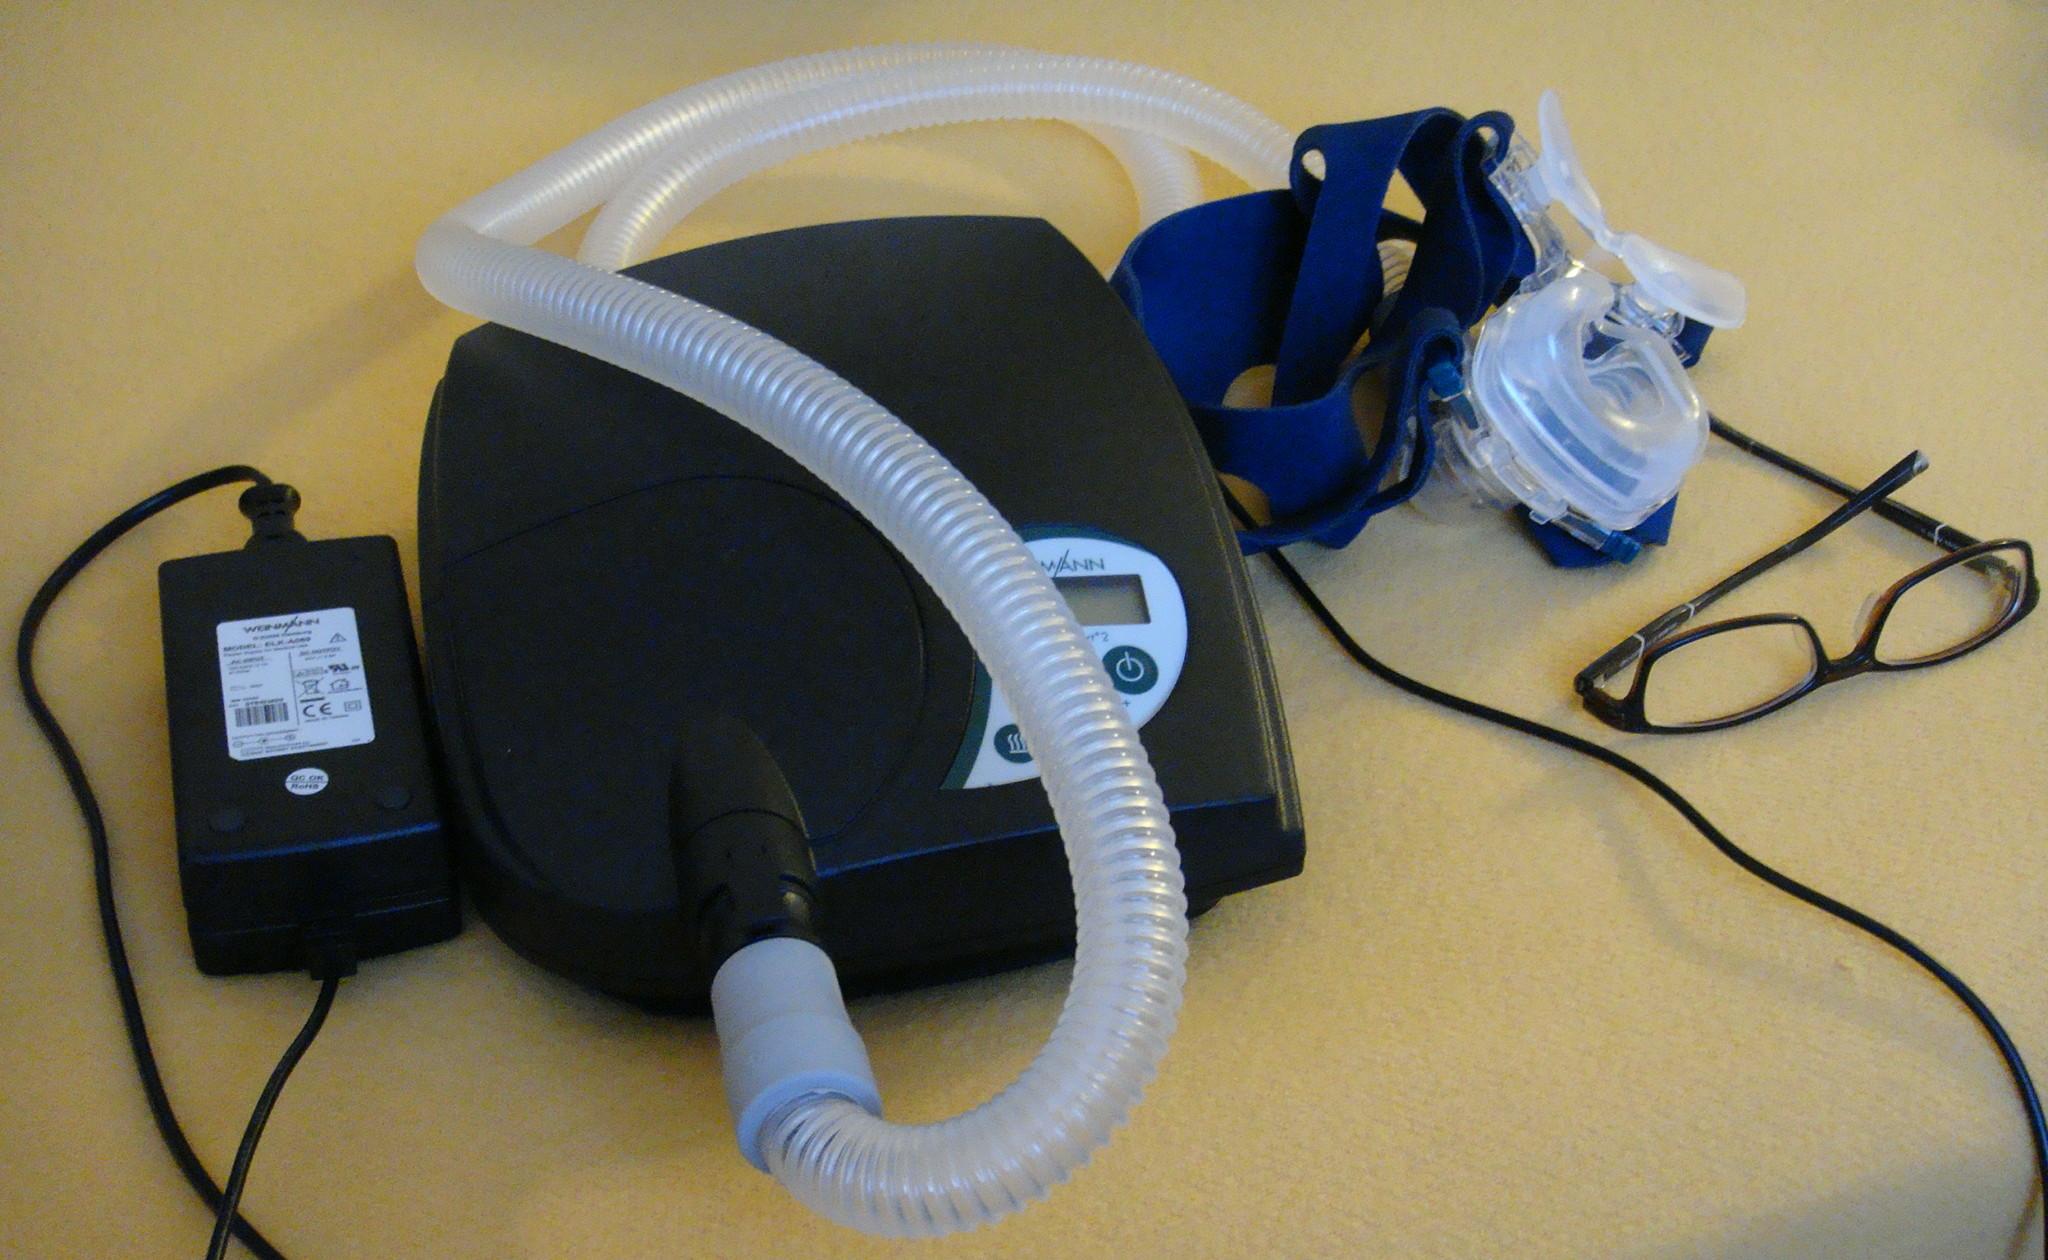 Se ha demostrado que el uso de máquinas CPAP mejora algunos de los trastornos cognitivos relacionados con la apnea obstructiva del sueño. Imagen: Wikimedia Commons.